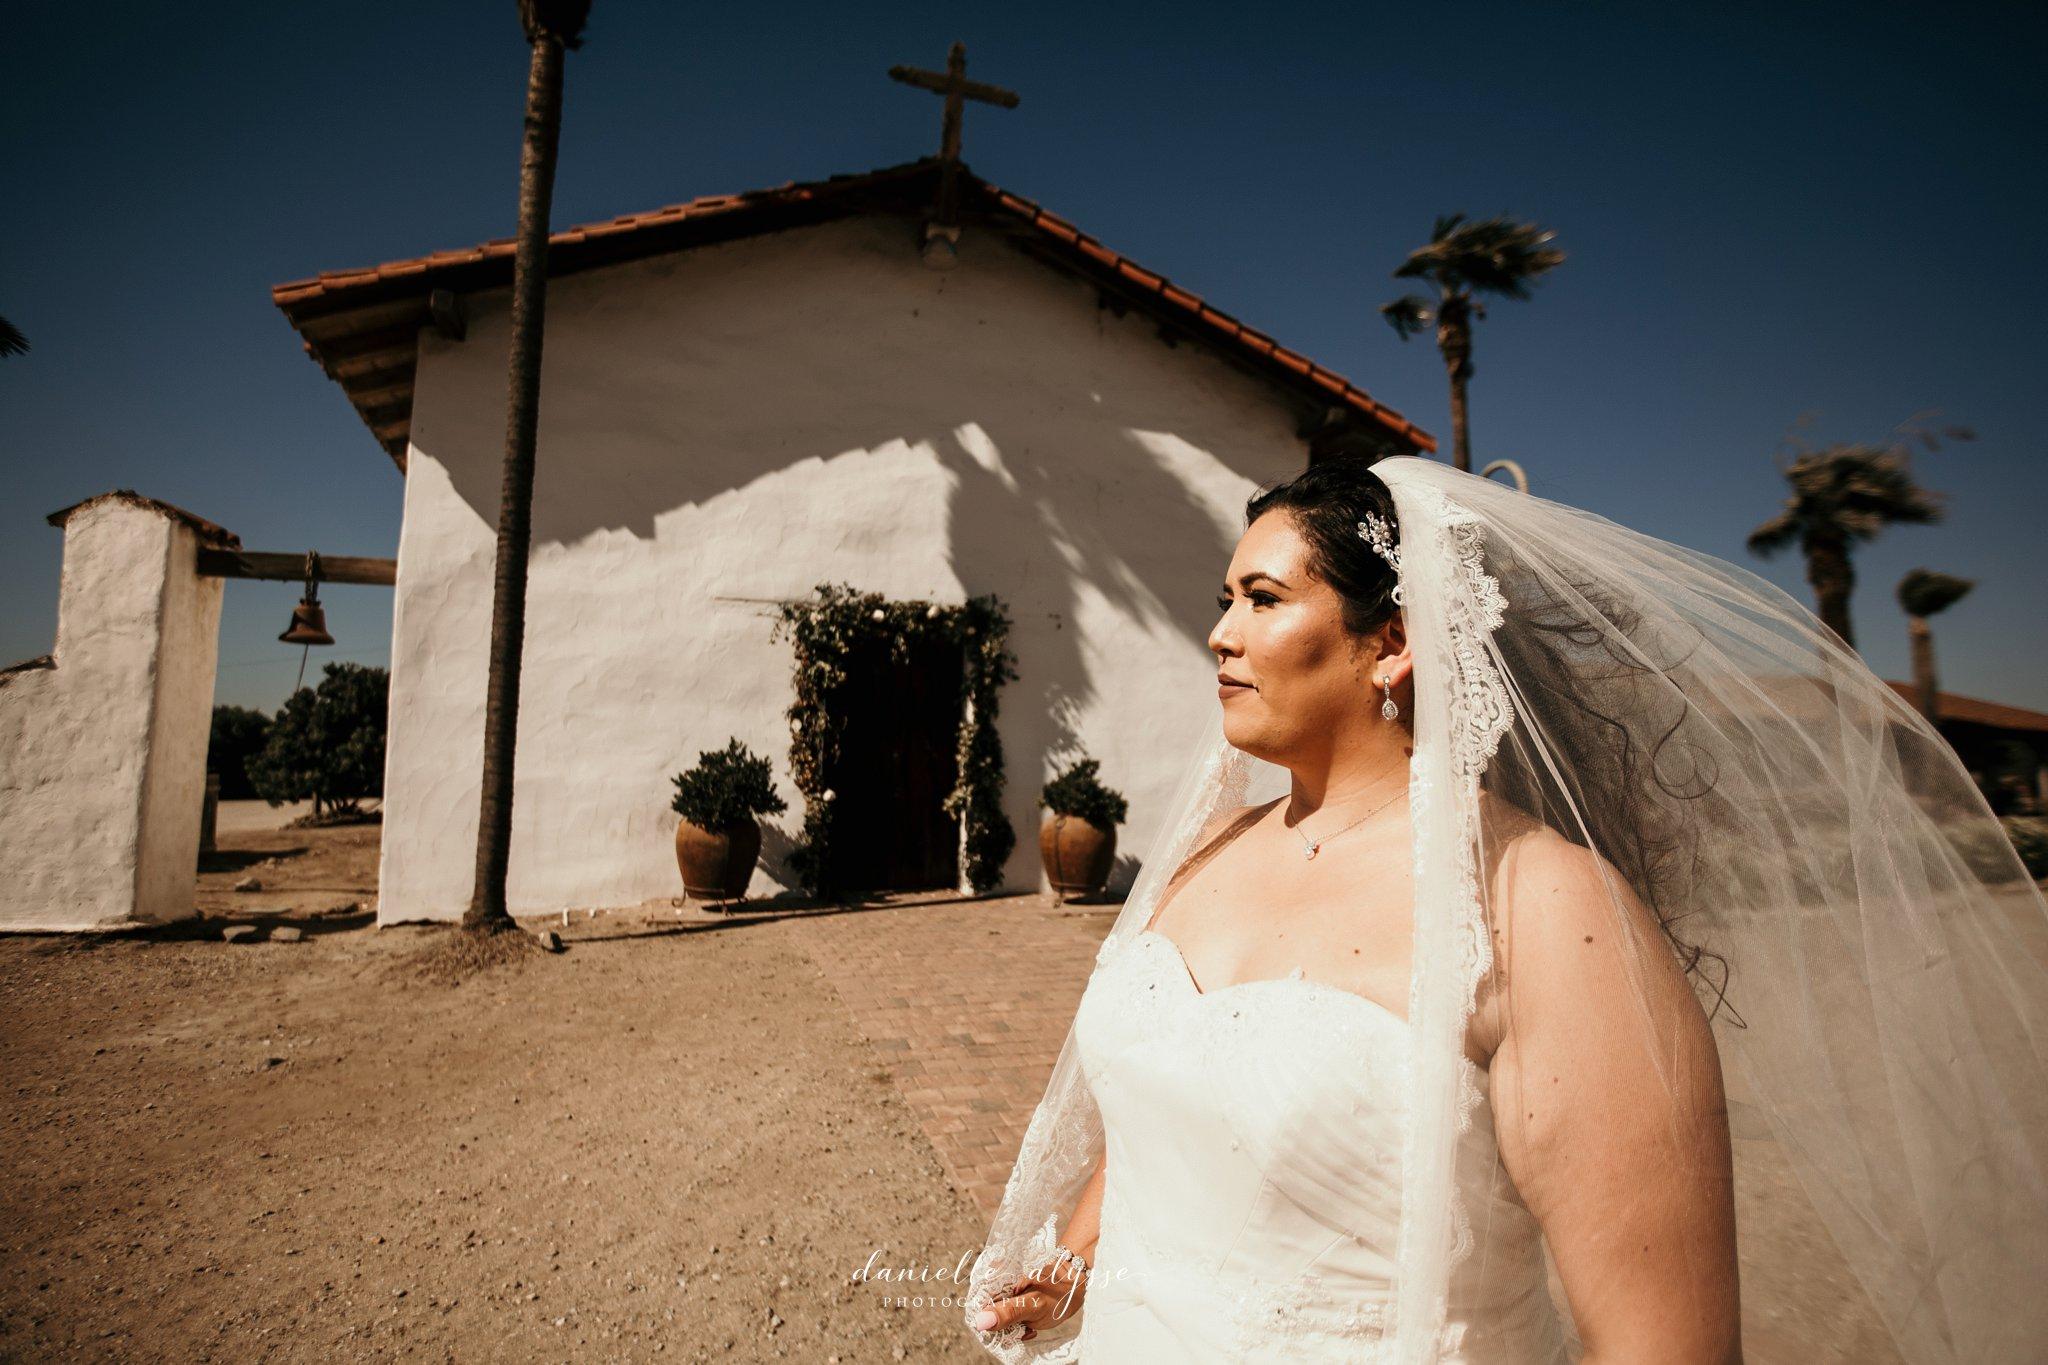 180630_wedding_lily_ryan_mission_soledad_california_danielle_alysse_photography_blog_712_WEB.jpg